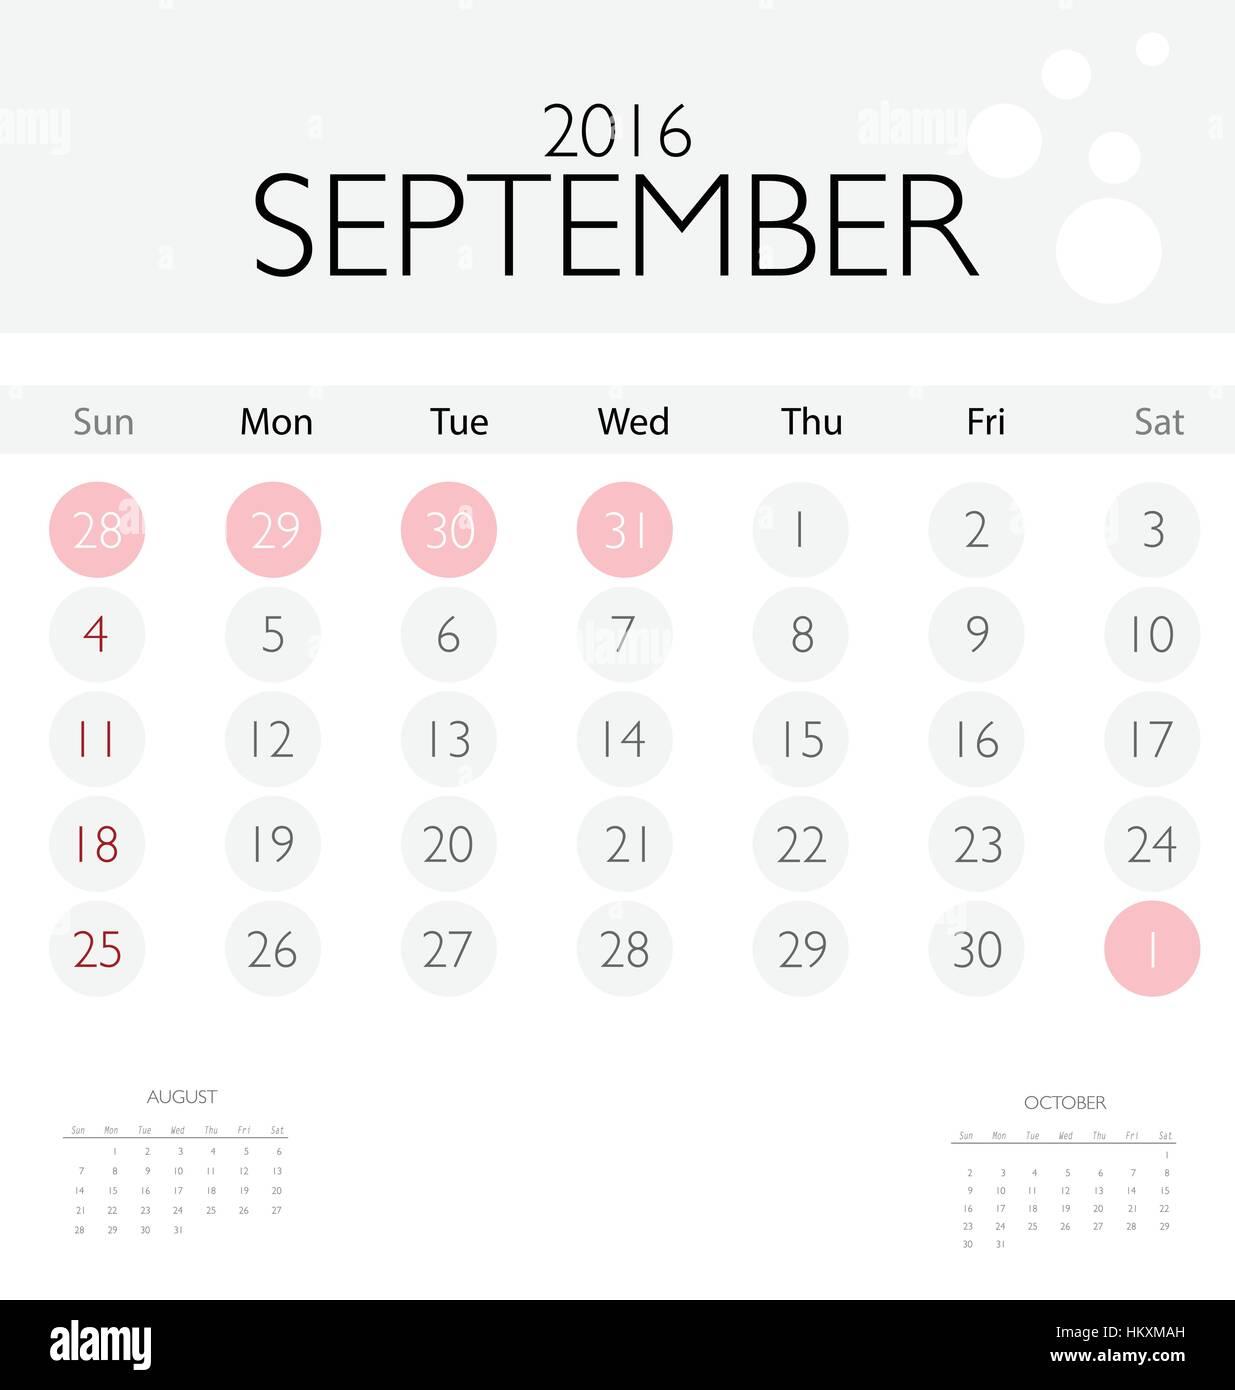 Fantastisch Monatliche Budget Kalendervorlage Fotos - Beispiel ...